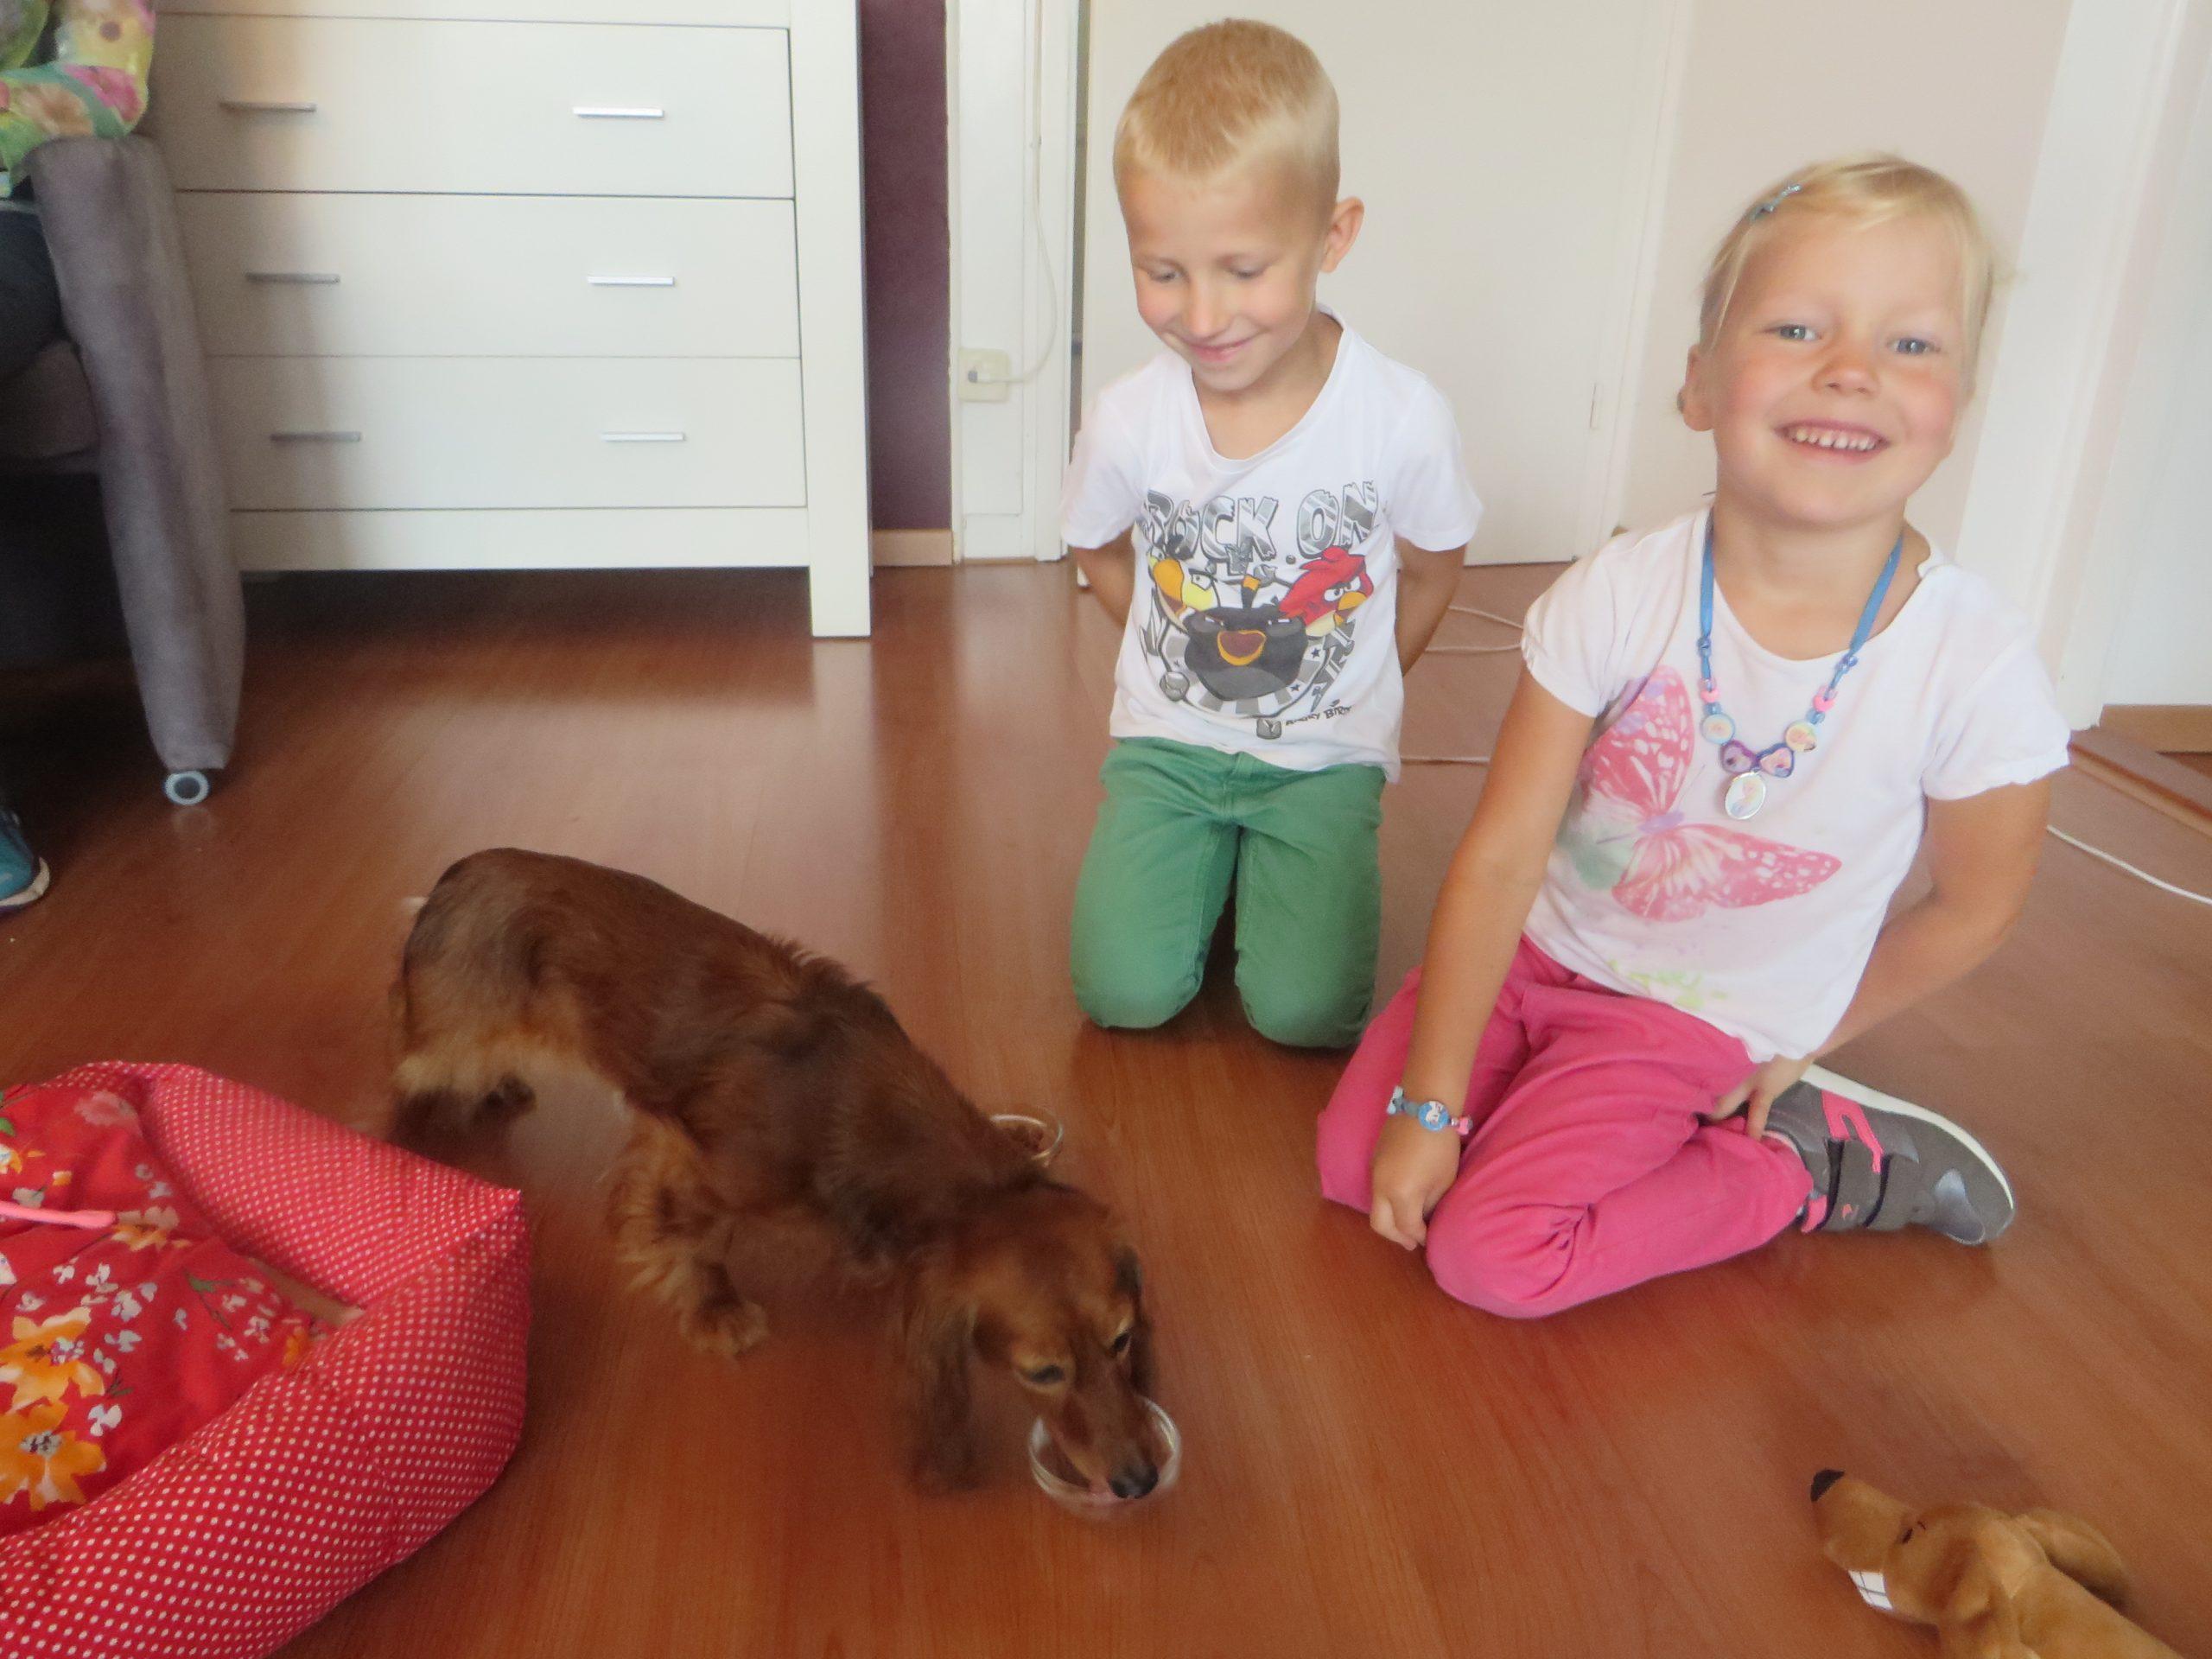 Molly eet het lekkers van 2 kinderen op haar vejaardagsfeestje